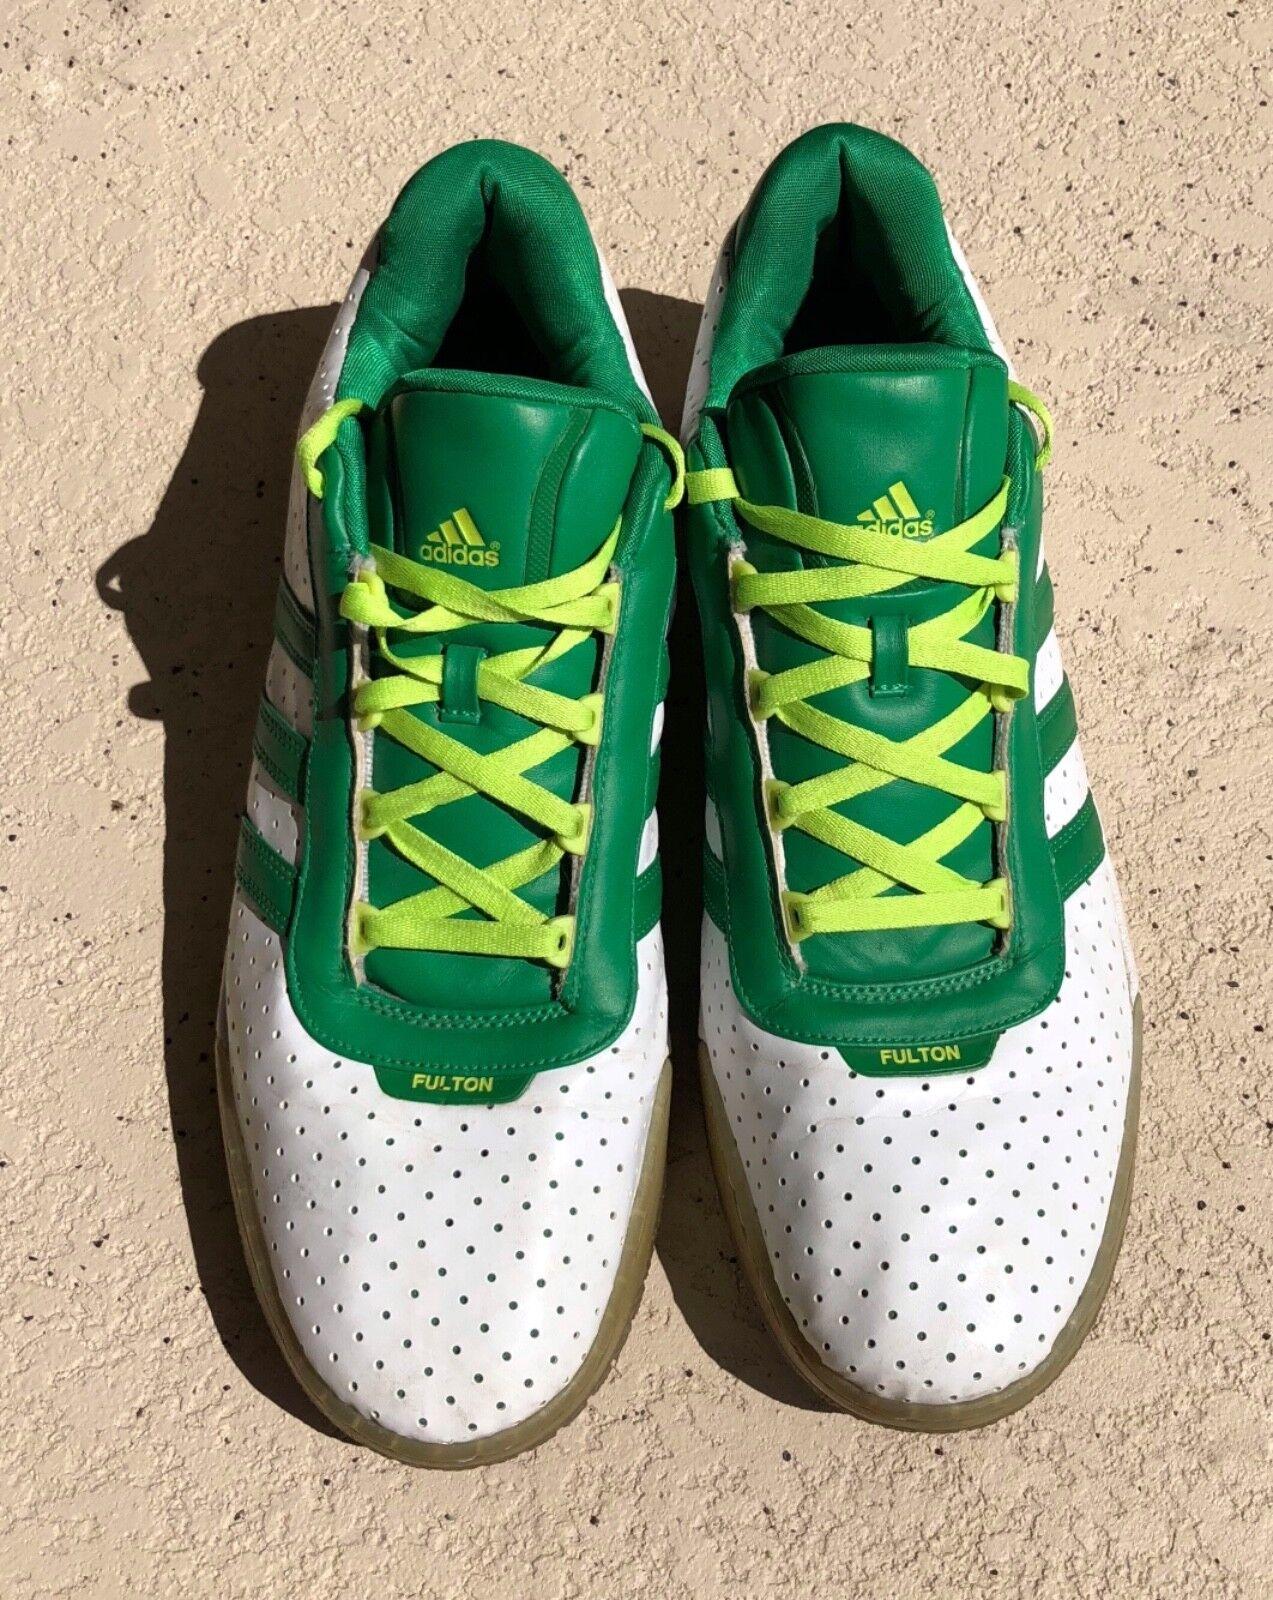 seltene adidas fulton grün - weiße niedrigen top leder trainer old - school - trainer leder 681001 sz. 776724